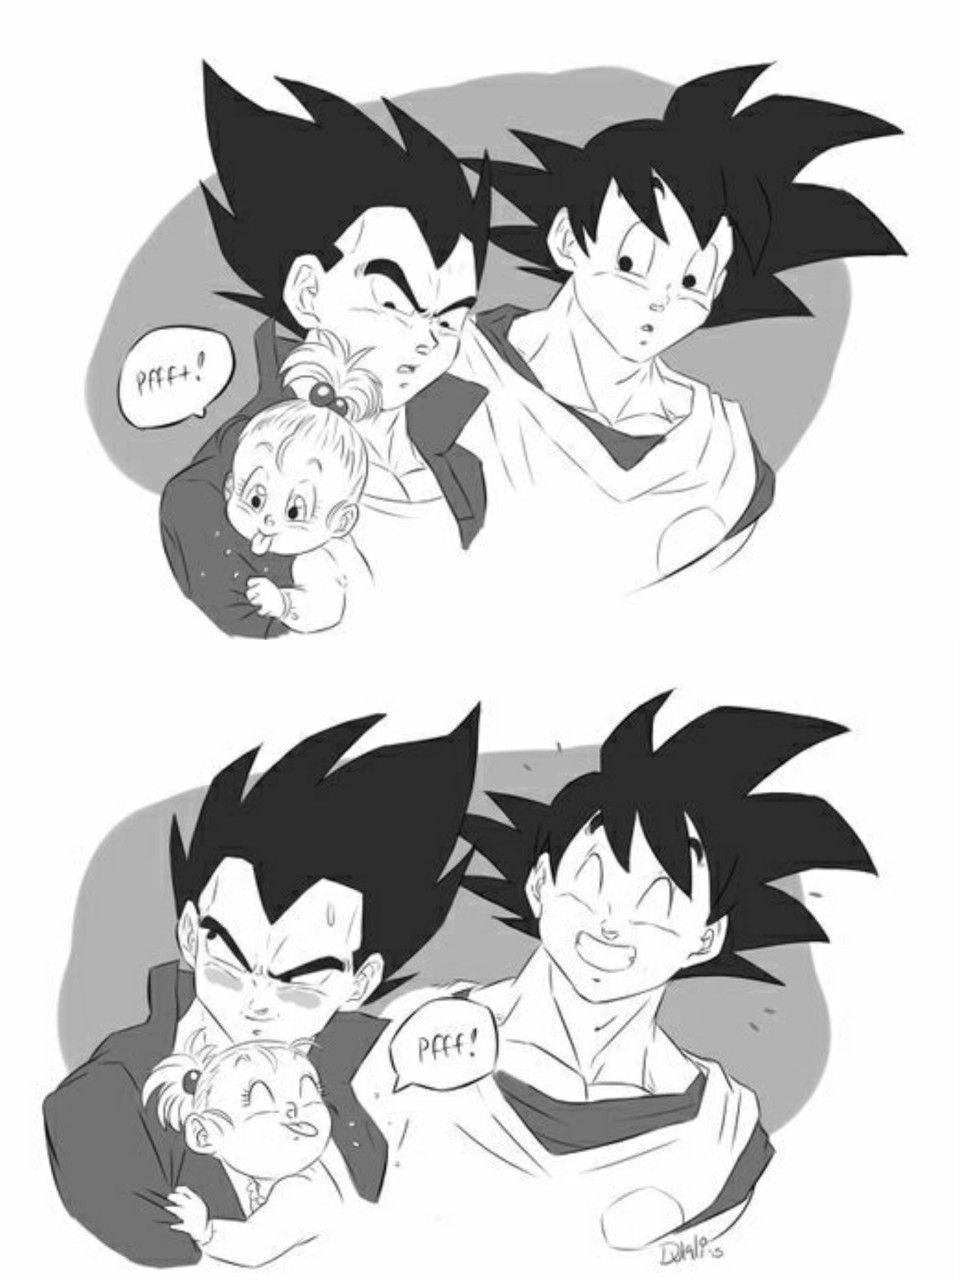 Vegeta Goku And Bulla Anime Dragon Ball Super Dragon Ball Artwork Dragon Ball Super Manga